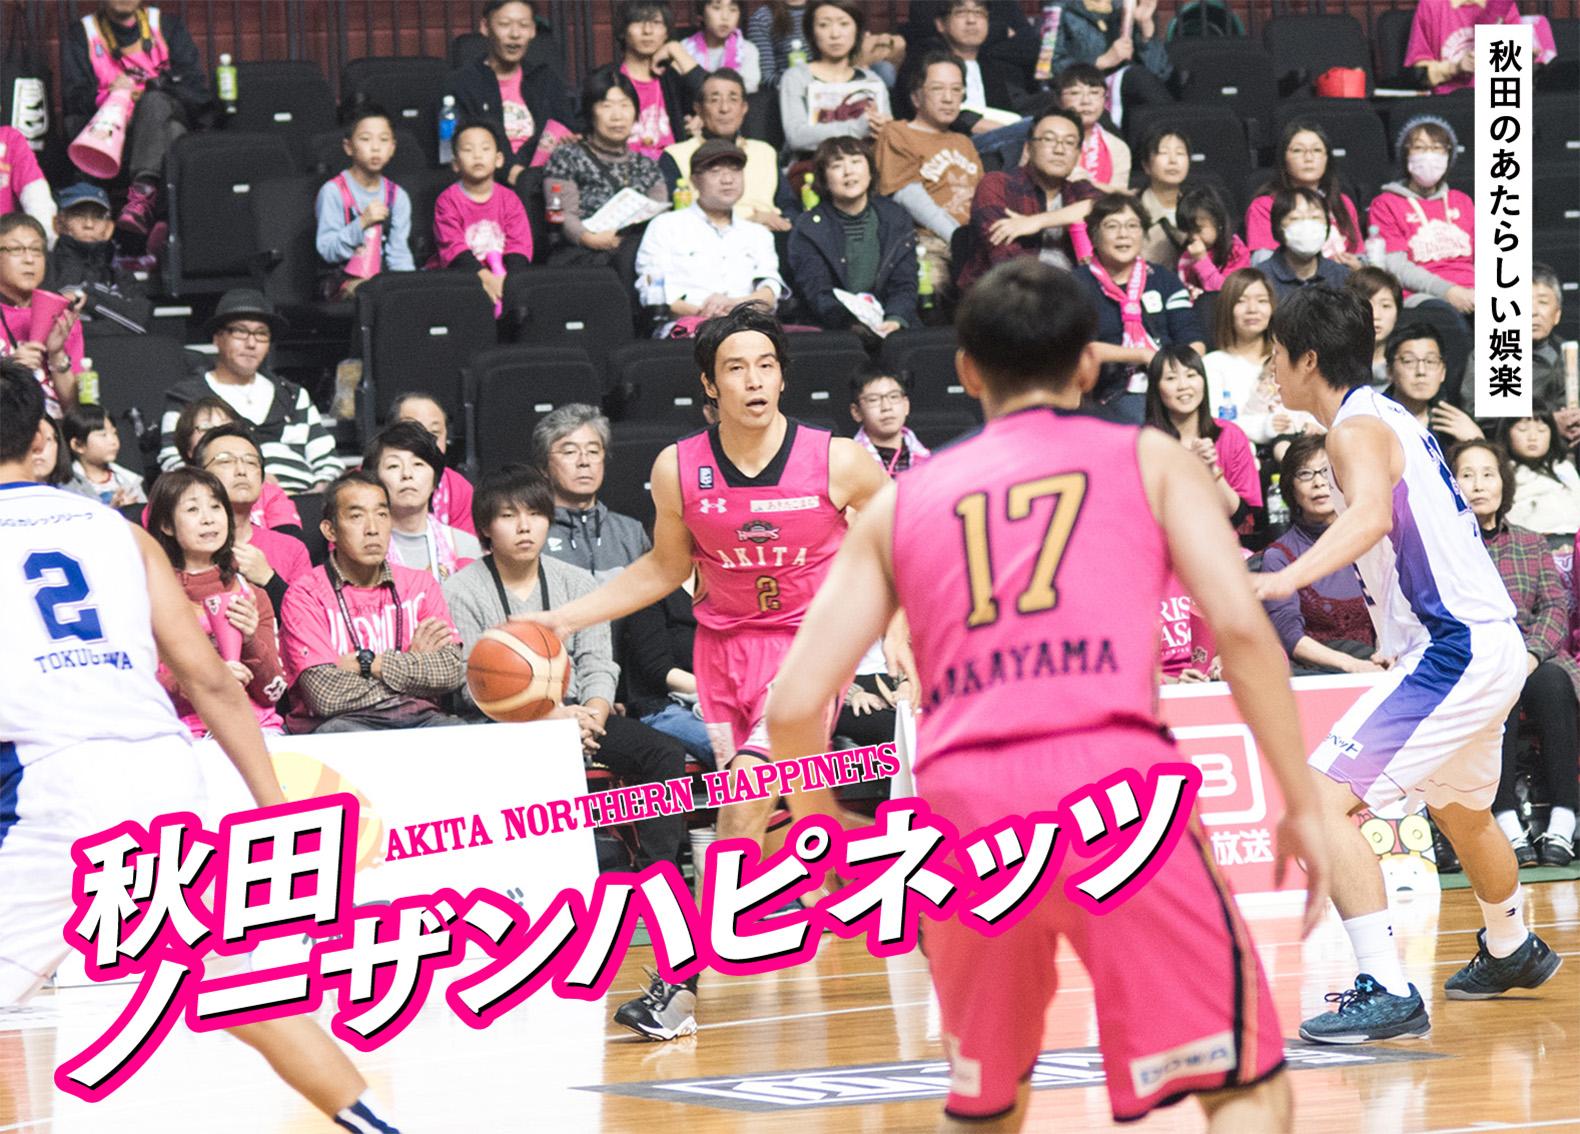 秋田の新しい娯楽「秋田ノーザンハピネッツ」